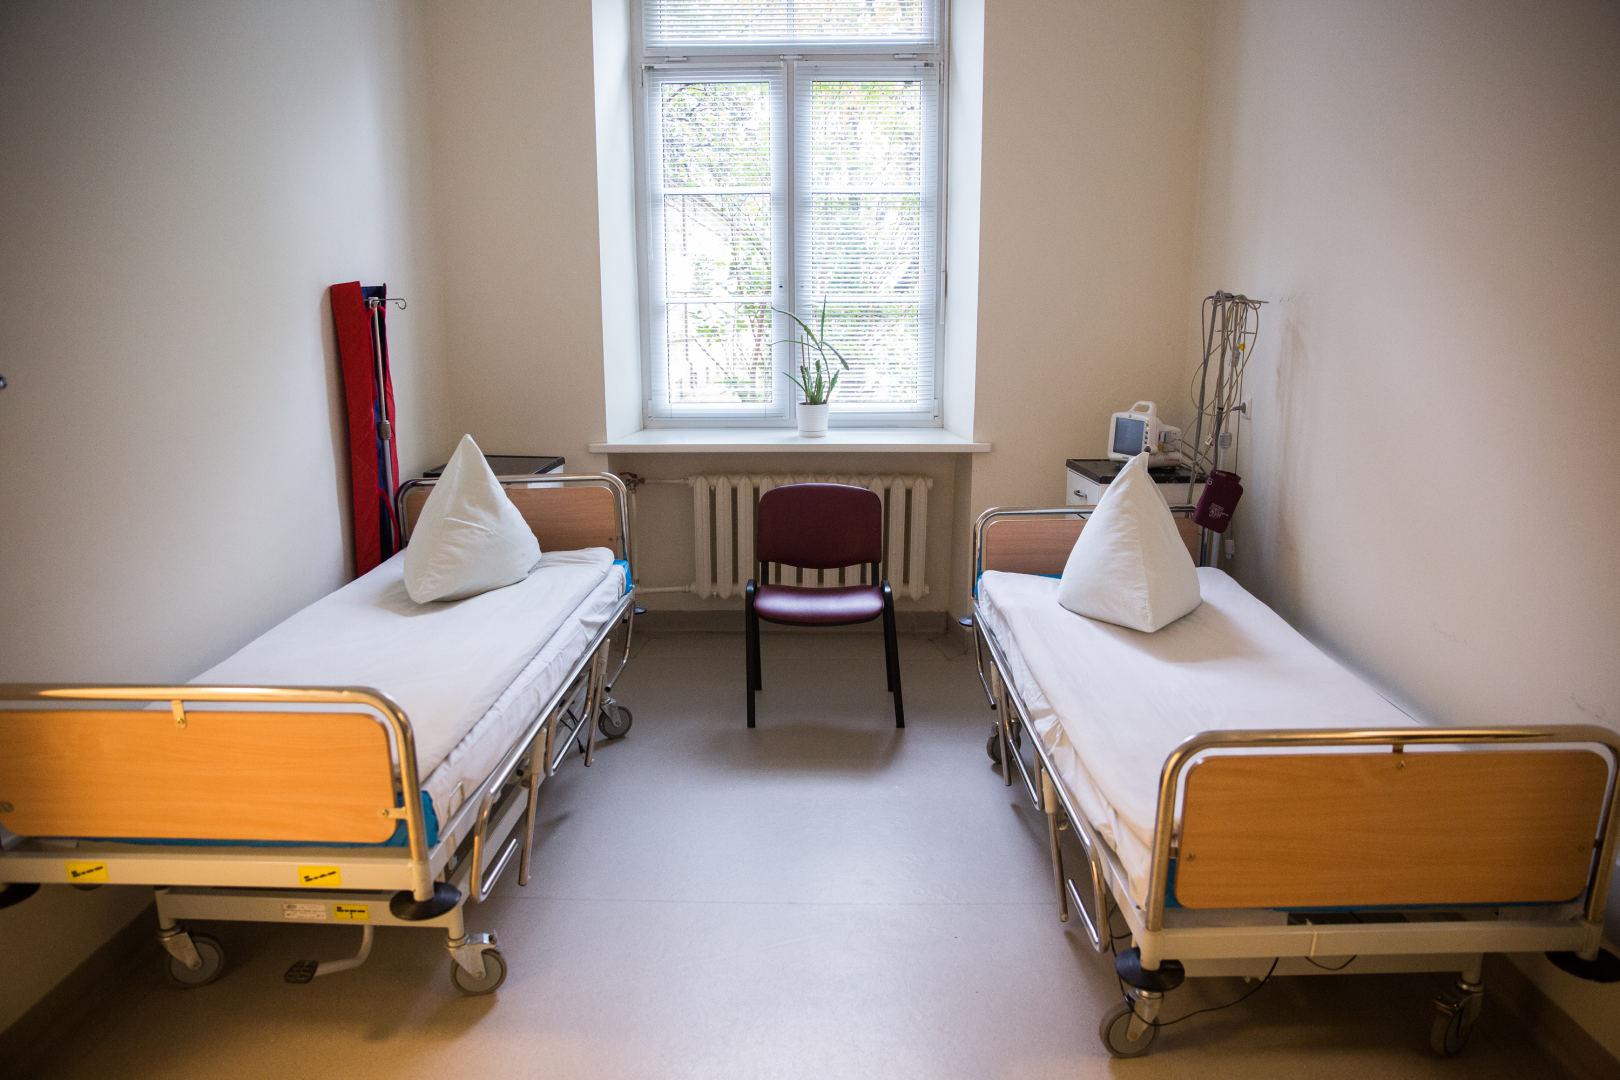 Klaipedosuniversitetines ligonines gydytojai reumato o